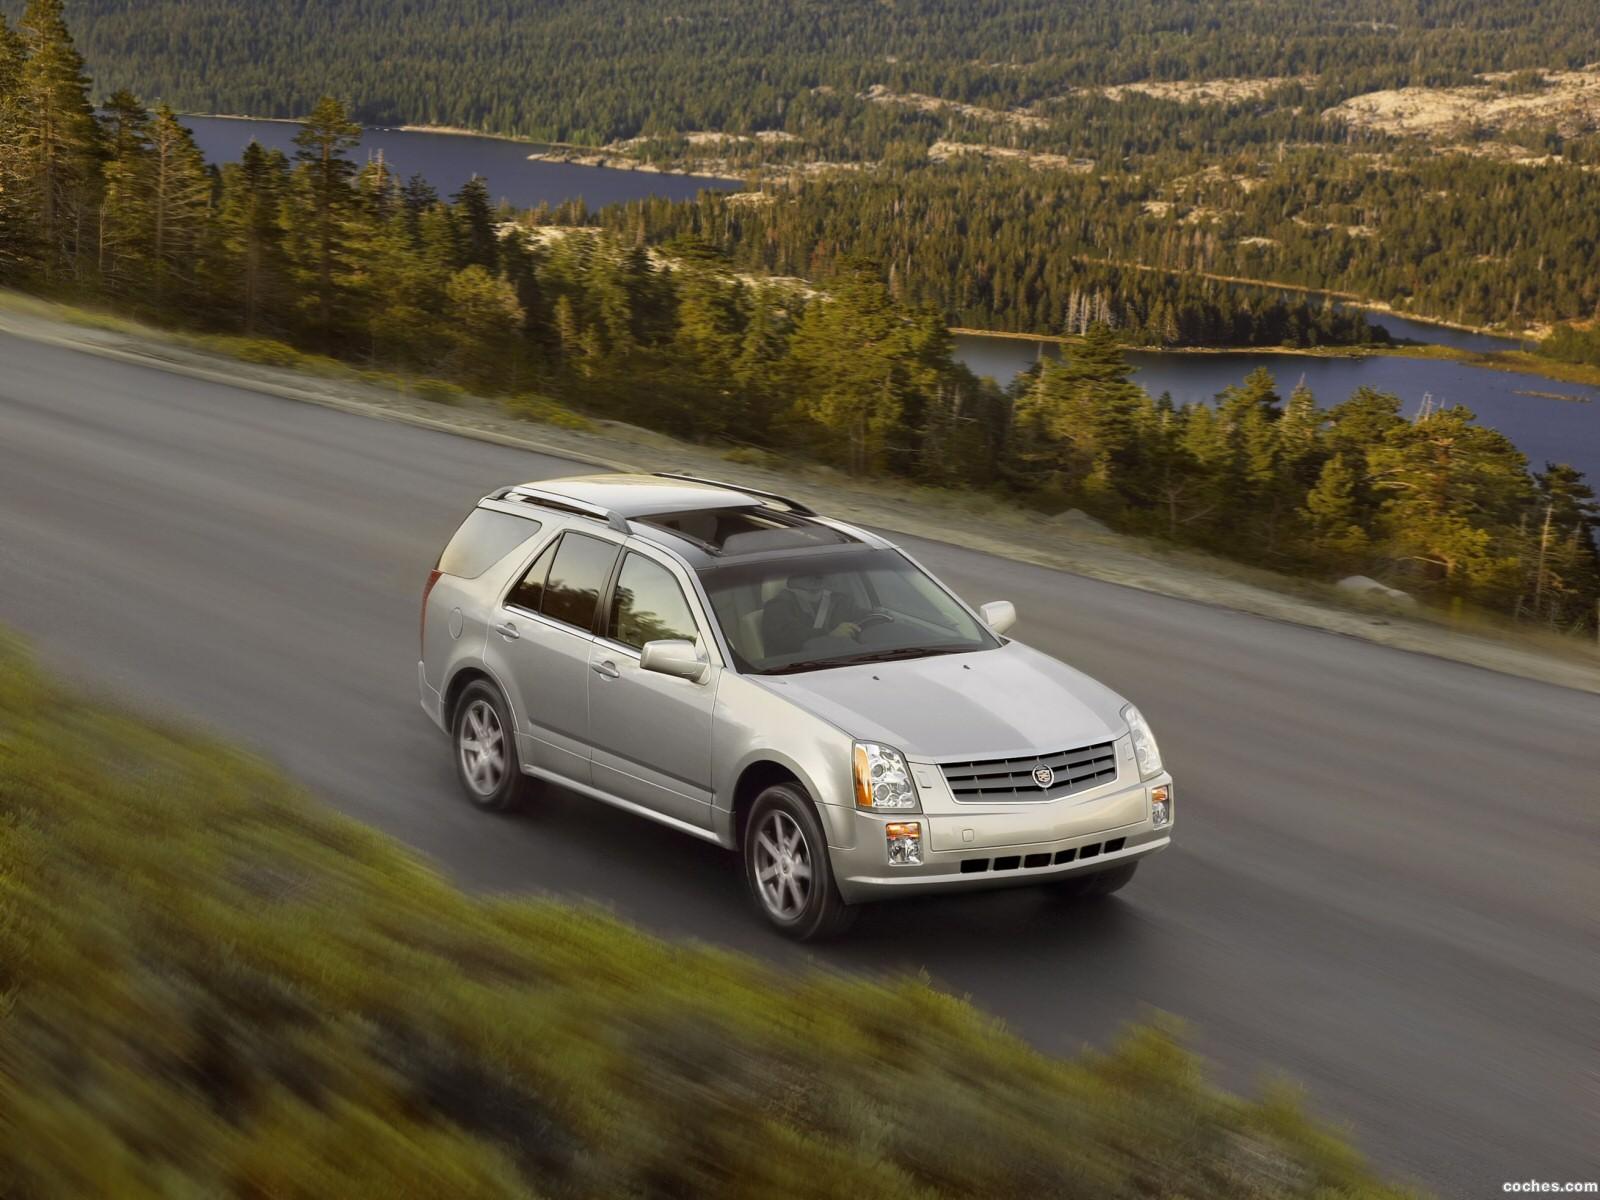 Foto 11 de Cadillac SRX 2004